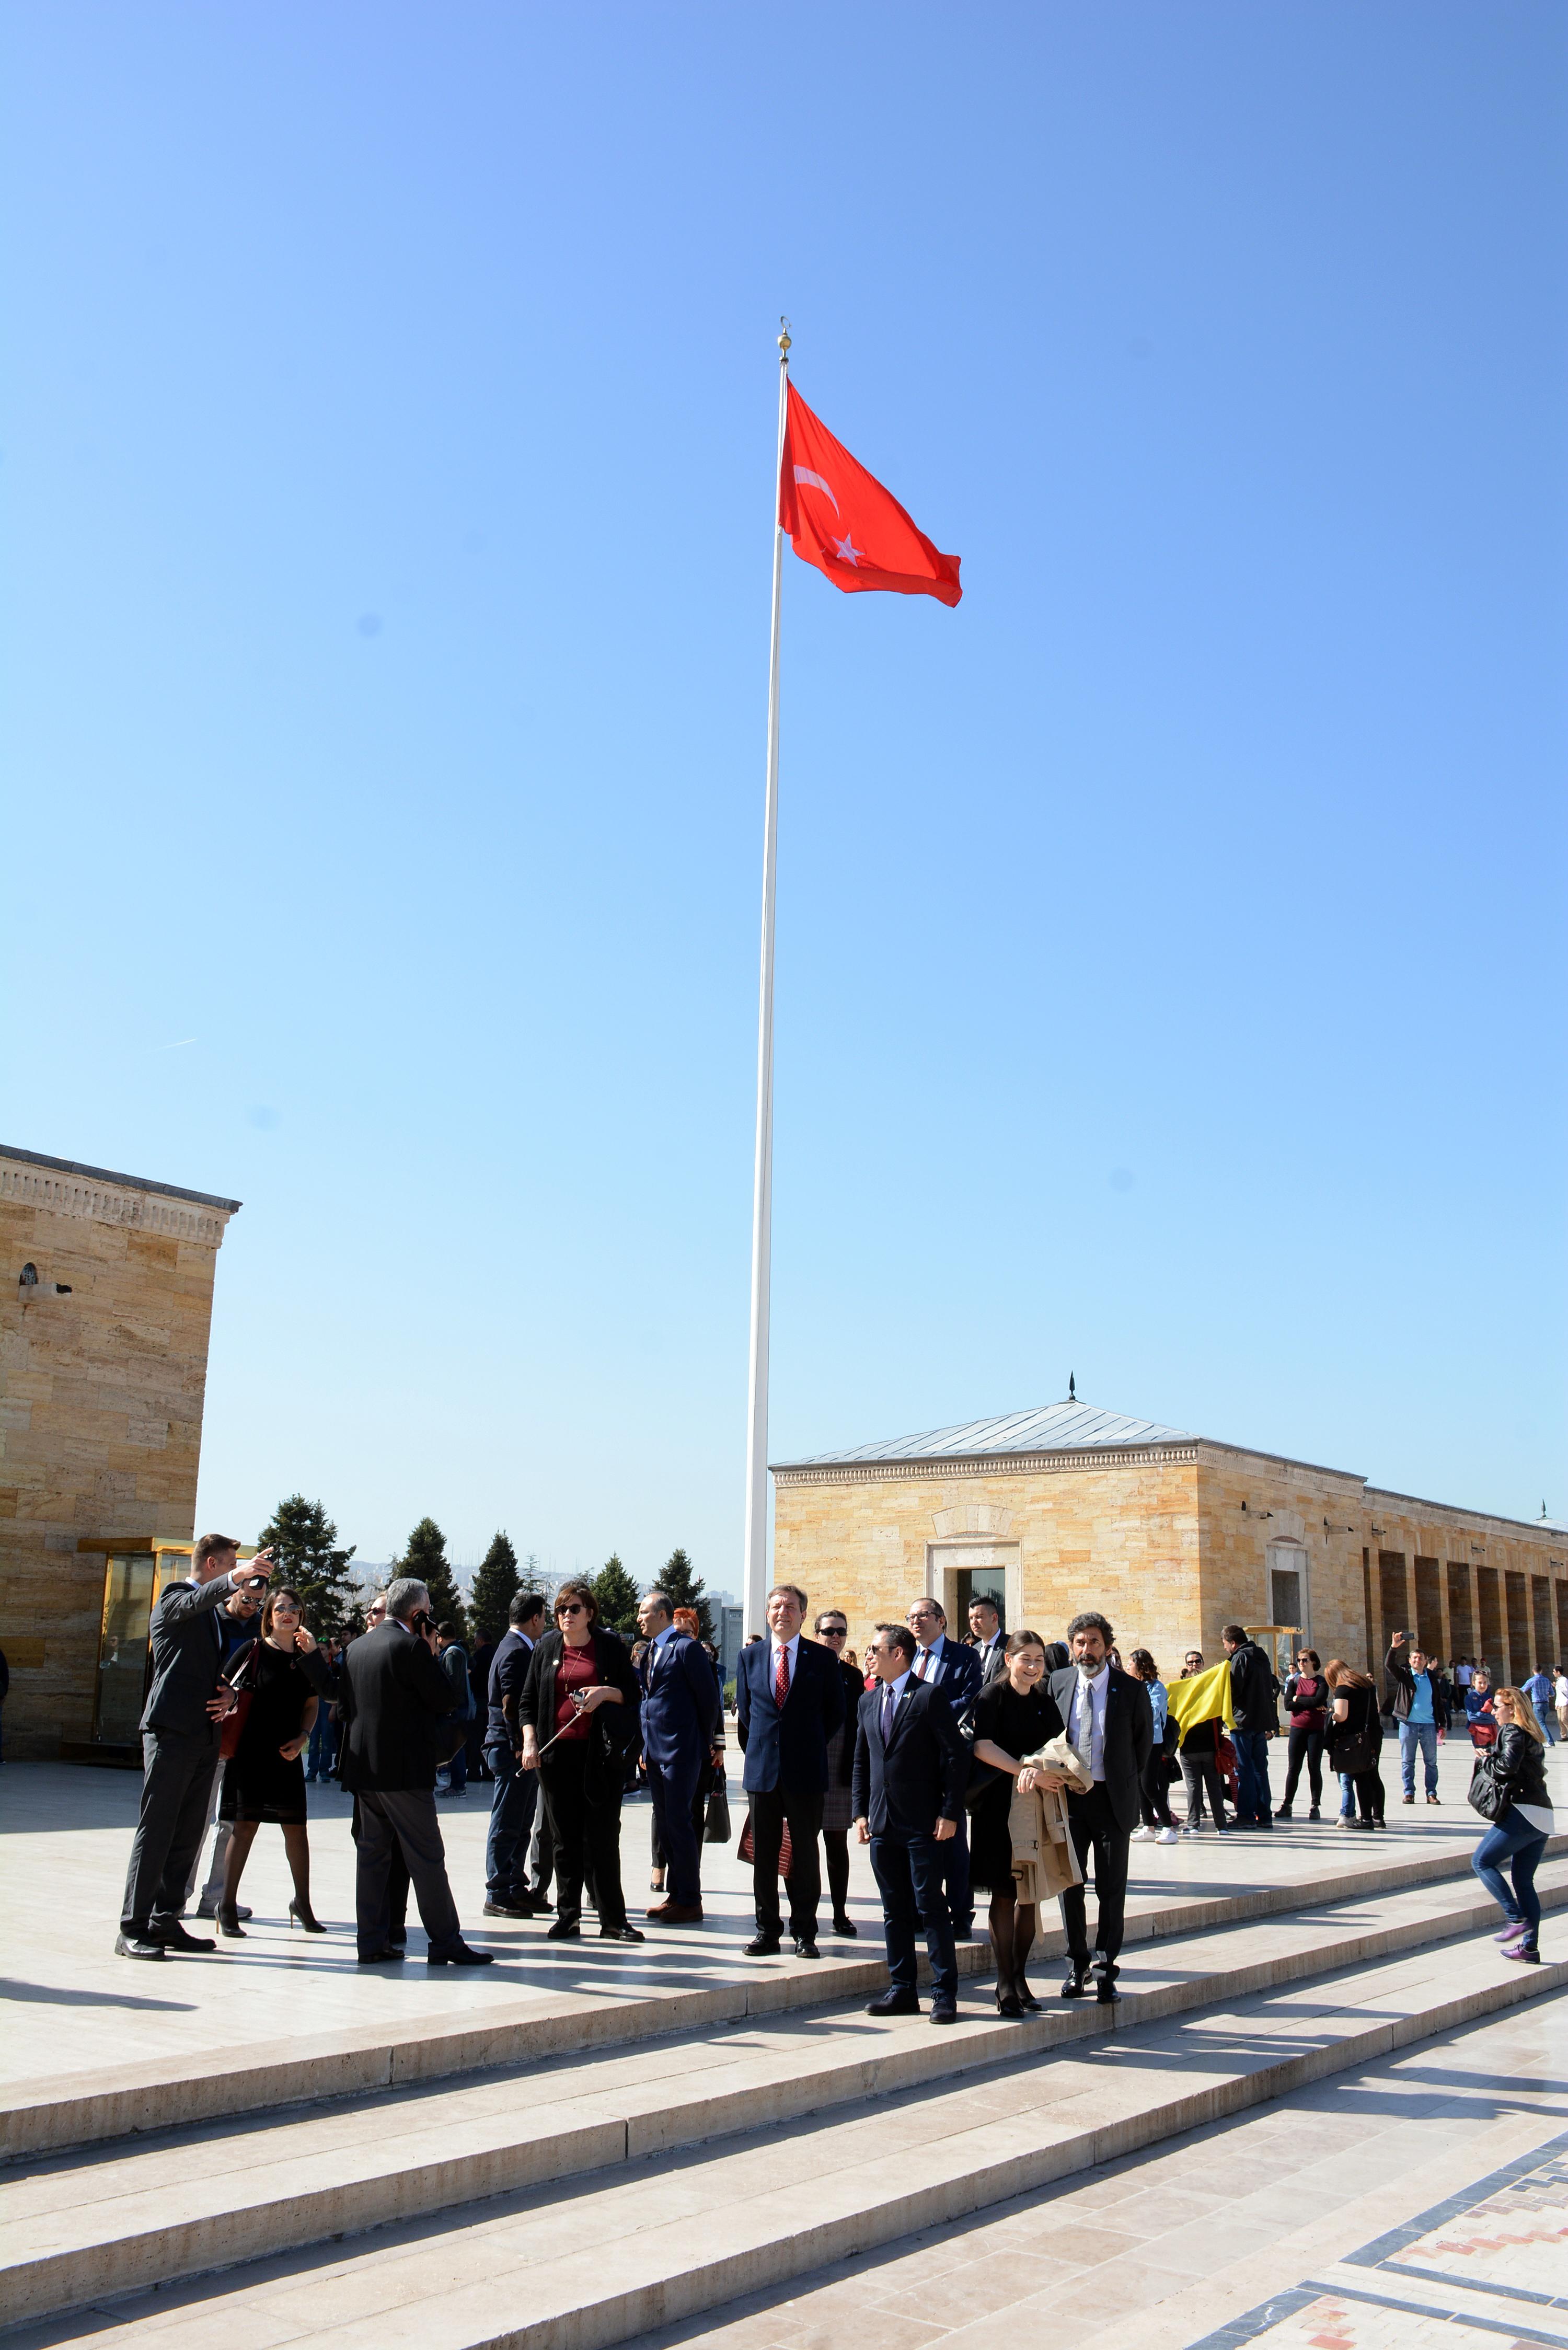 Anýtkabir Ziyareti / 7 Nisan 2018, Cumartesi Günü gerçekleþtirildi.